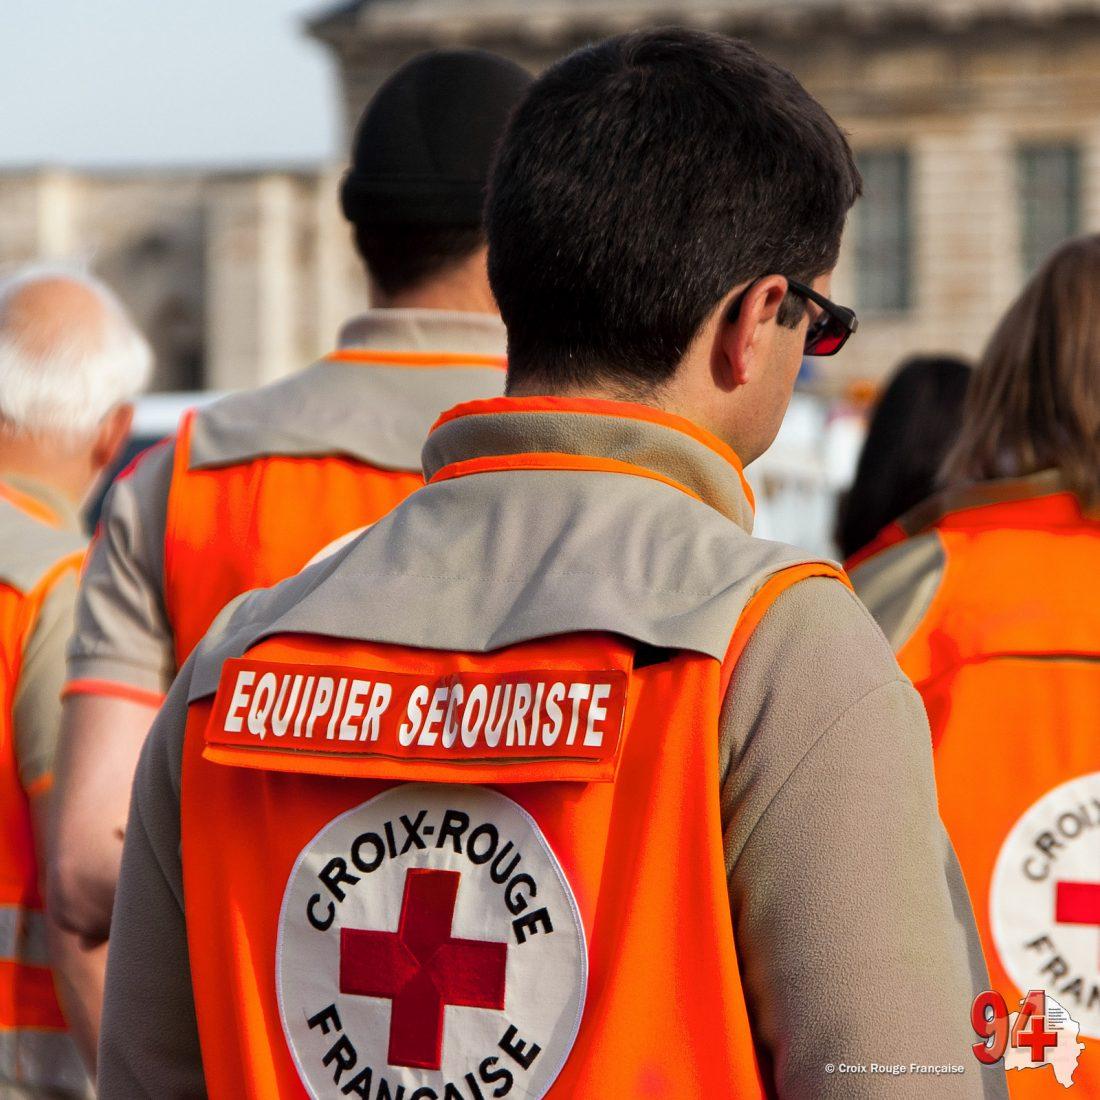 Être bénévole à temps plein